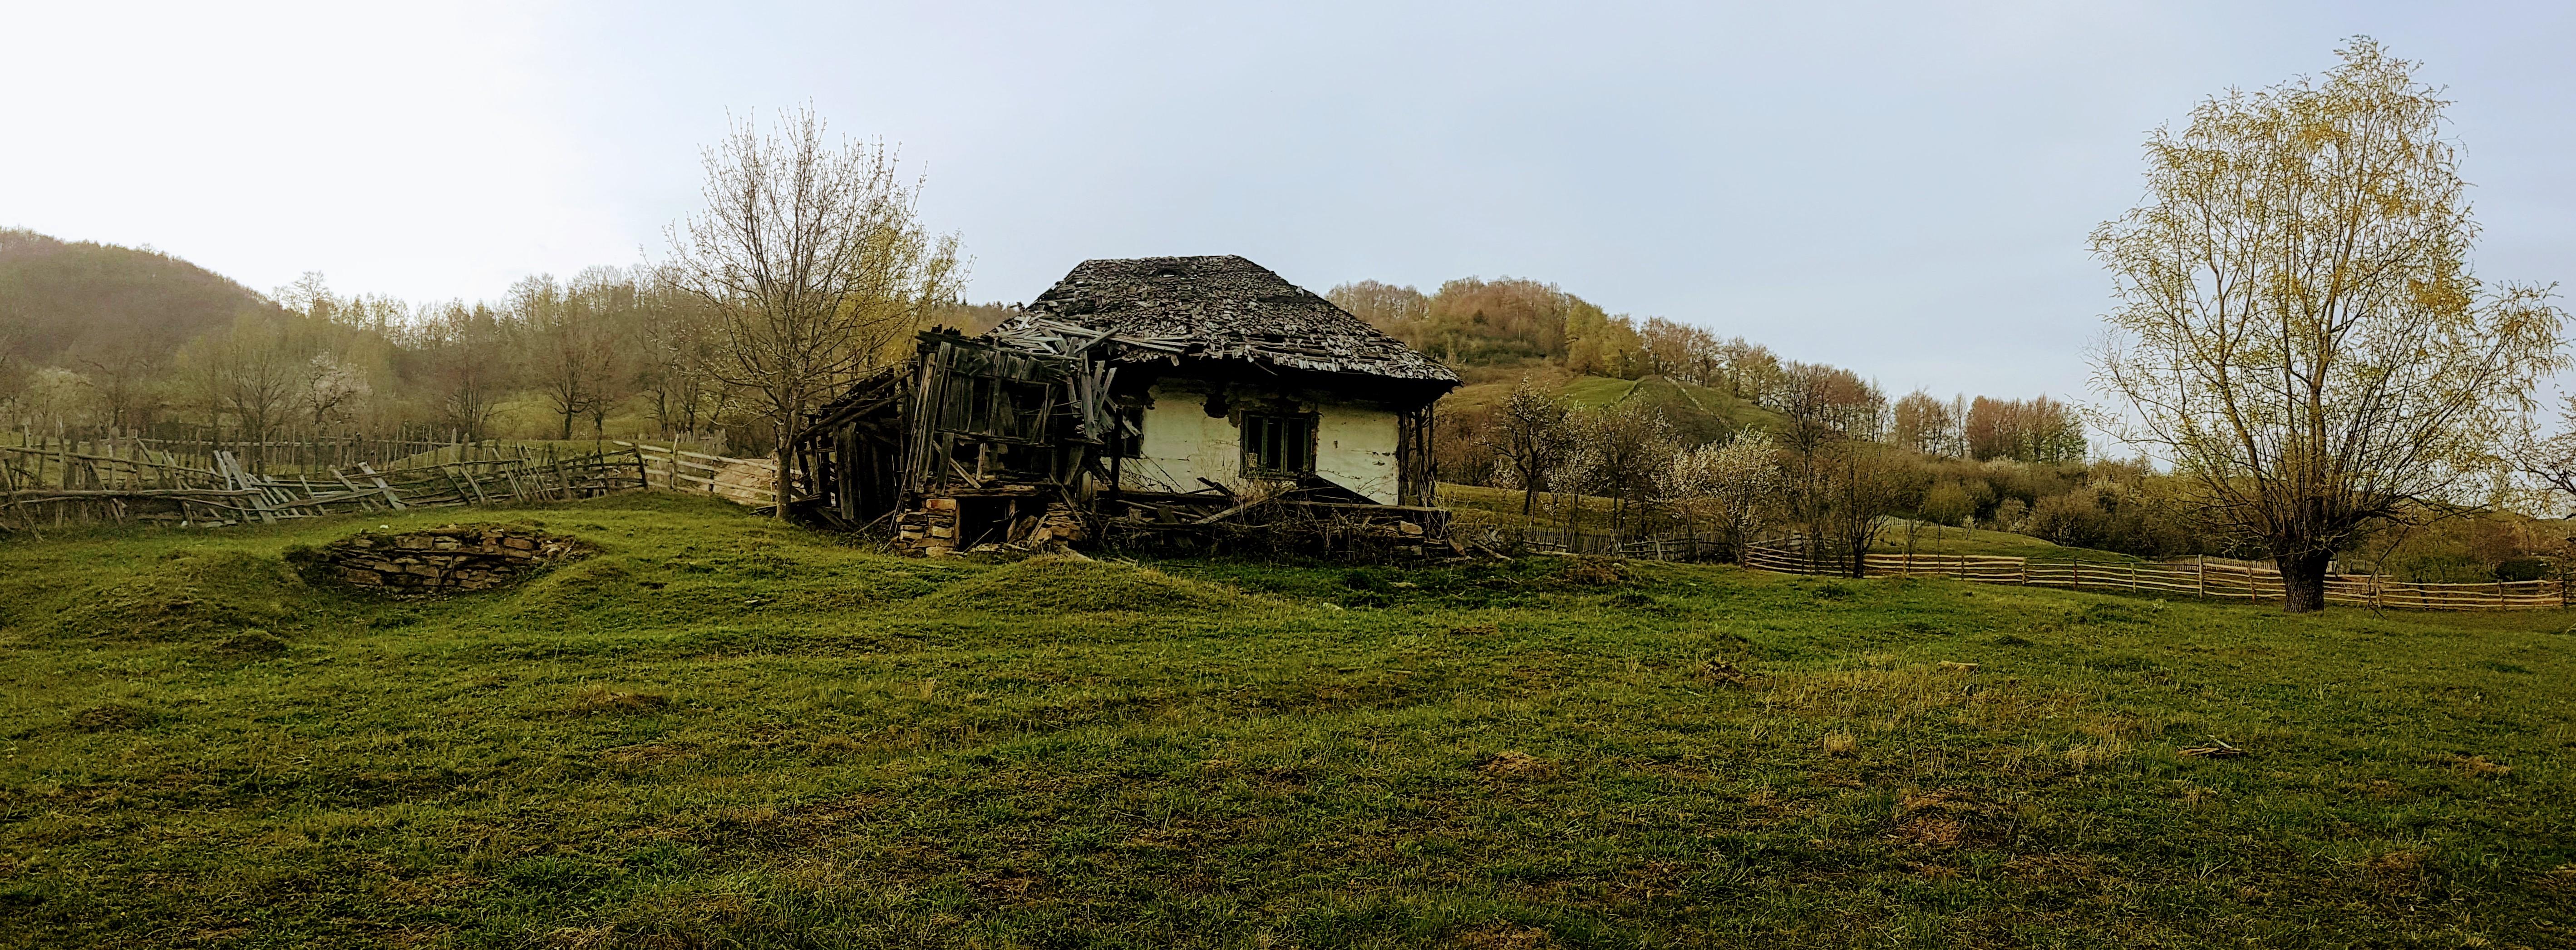 Casa lui Moise din cătunul Fața-Malului, comuna Lopătari